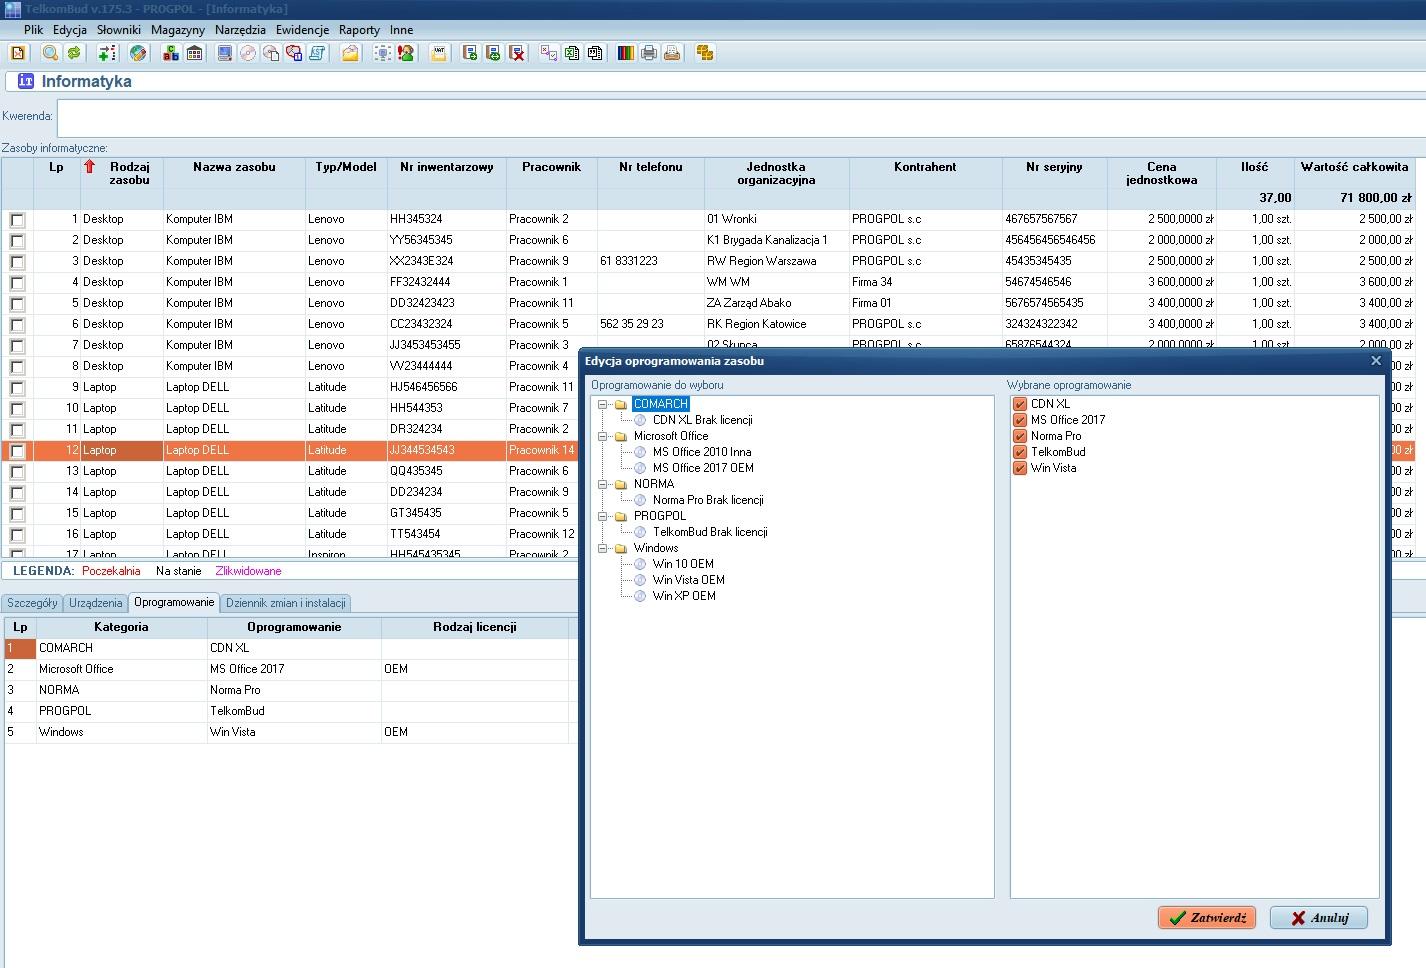 Okno Oprogramowanie w module Informatyka systemu TelkomBud